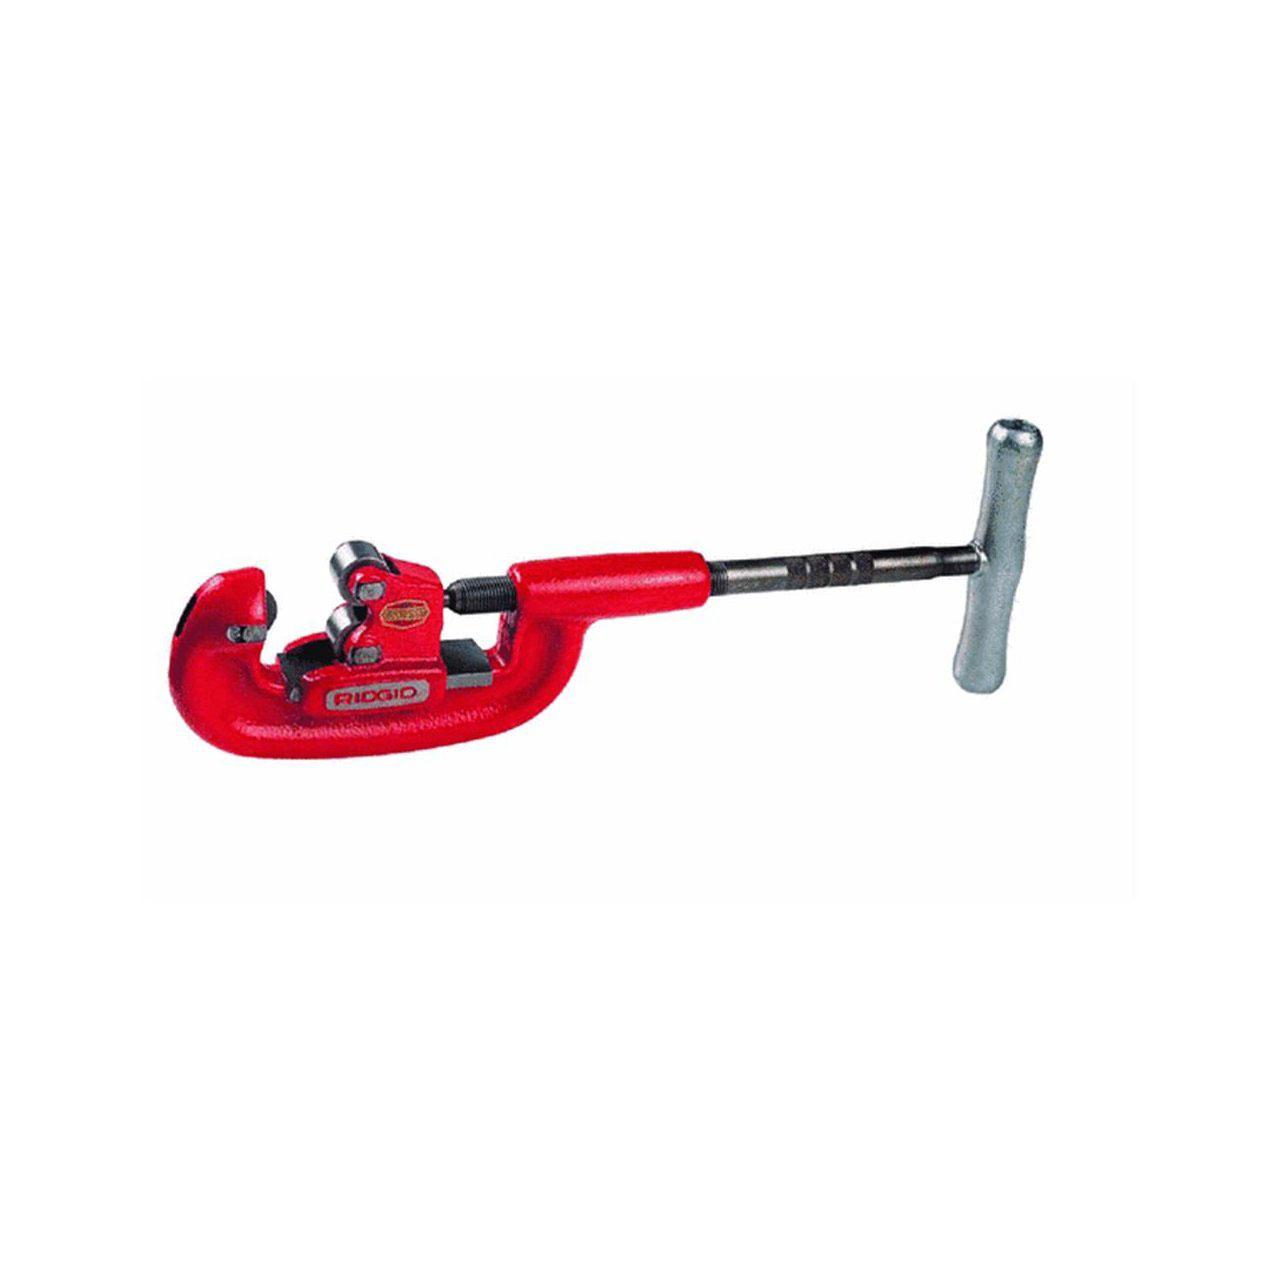 RIDGID 32825 - 3 Wheel Heavy Duty Pipe Cutter; Cap: 1/8 to 2in